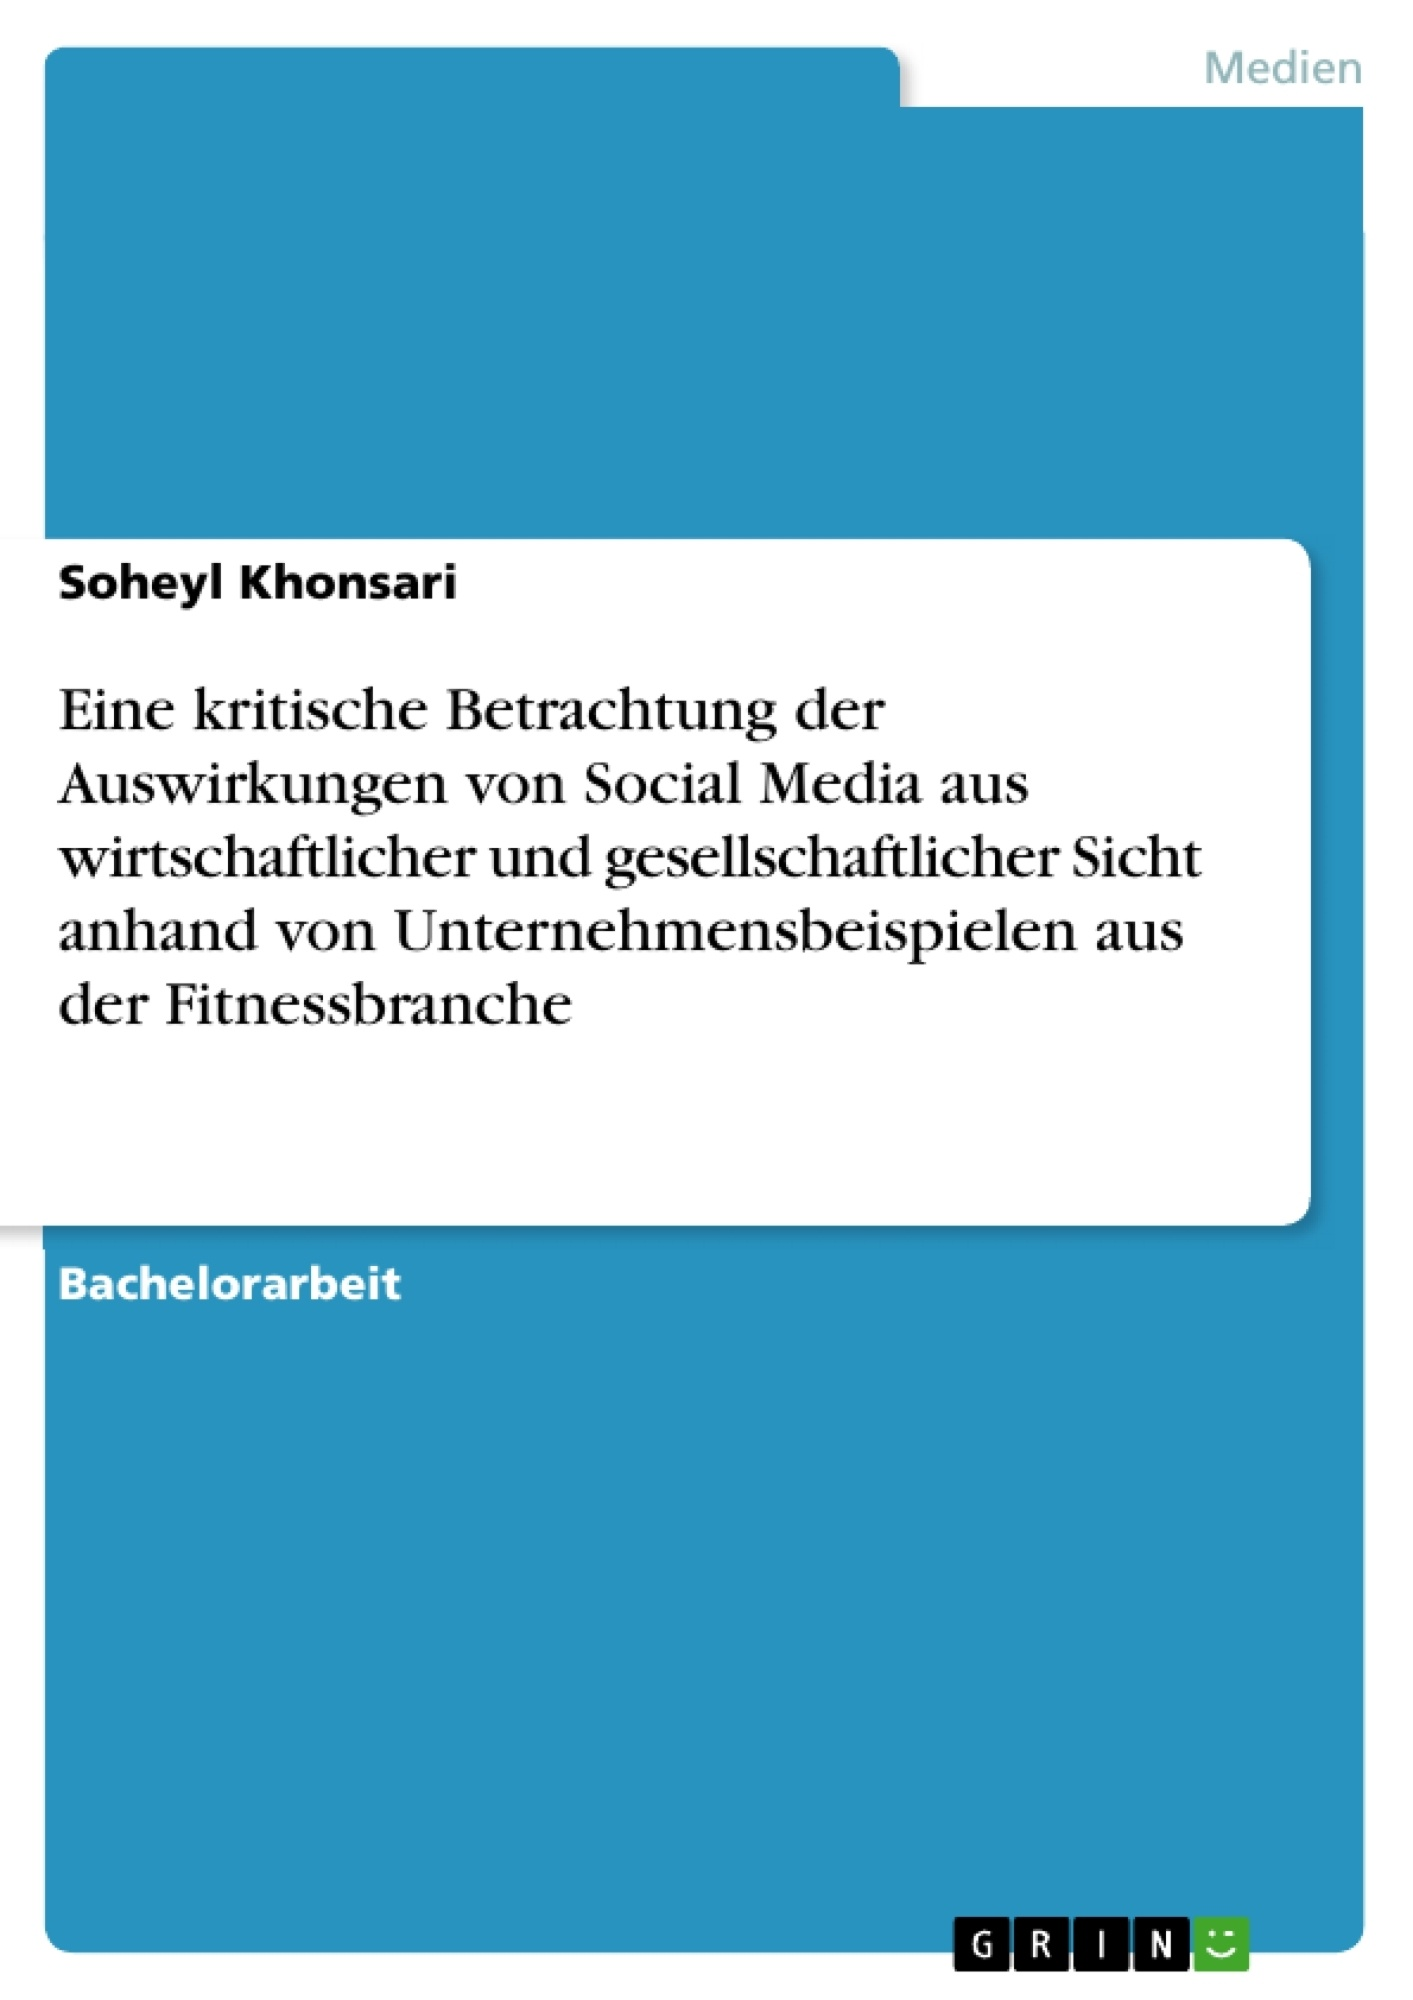 Titel: Eine kritische Betrachtung der Auswirkungen von Social Media aus wirtschaftlicher und gesellschaftlicher Sicht  anhand von Unternehmensbeispielen aus der Fitnessbranche